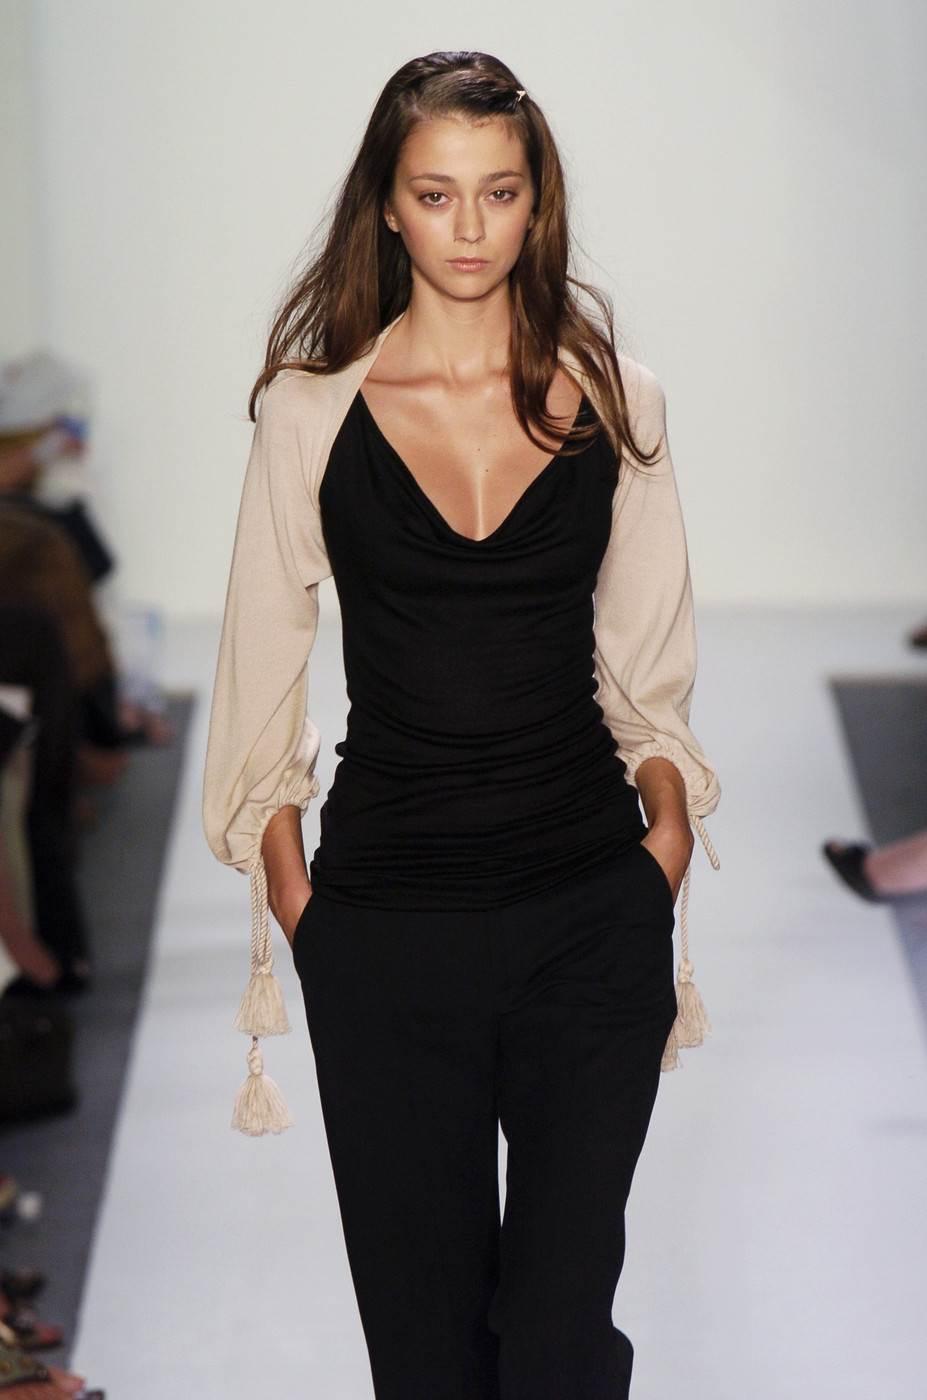 【外人】真木よう子に激似のフランス人モデルのモルガン・デュブレ(Morgane Dubled)乳首もろ出しでキャットウォークしてるポルノ画像 2318